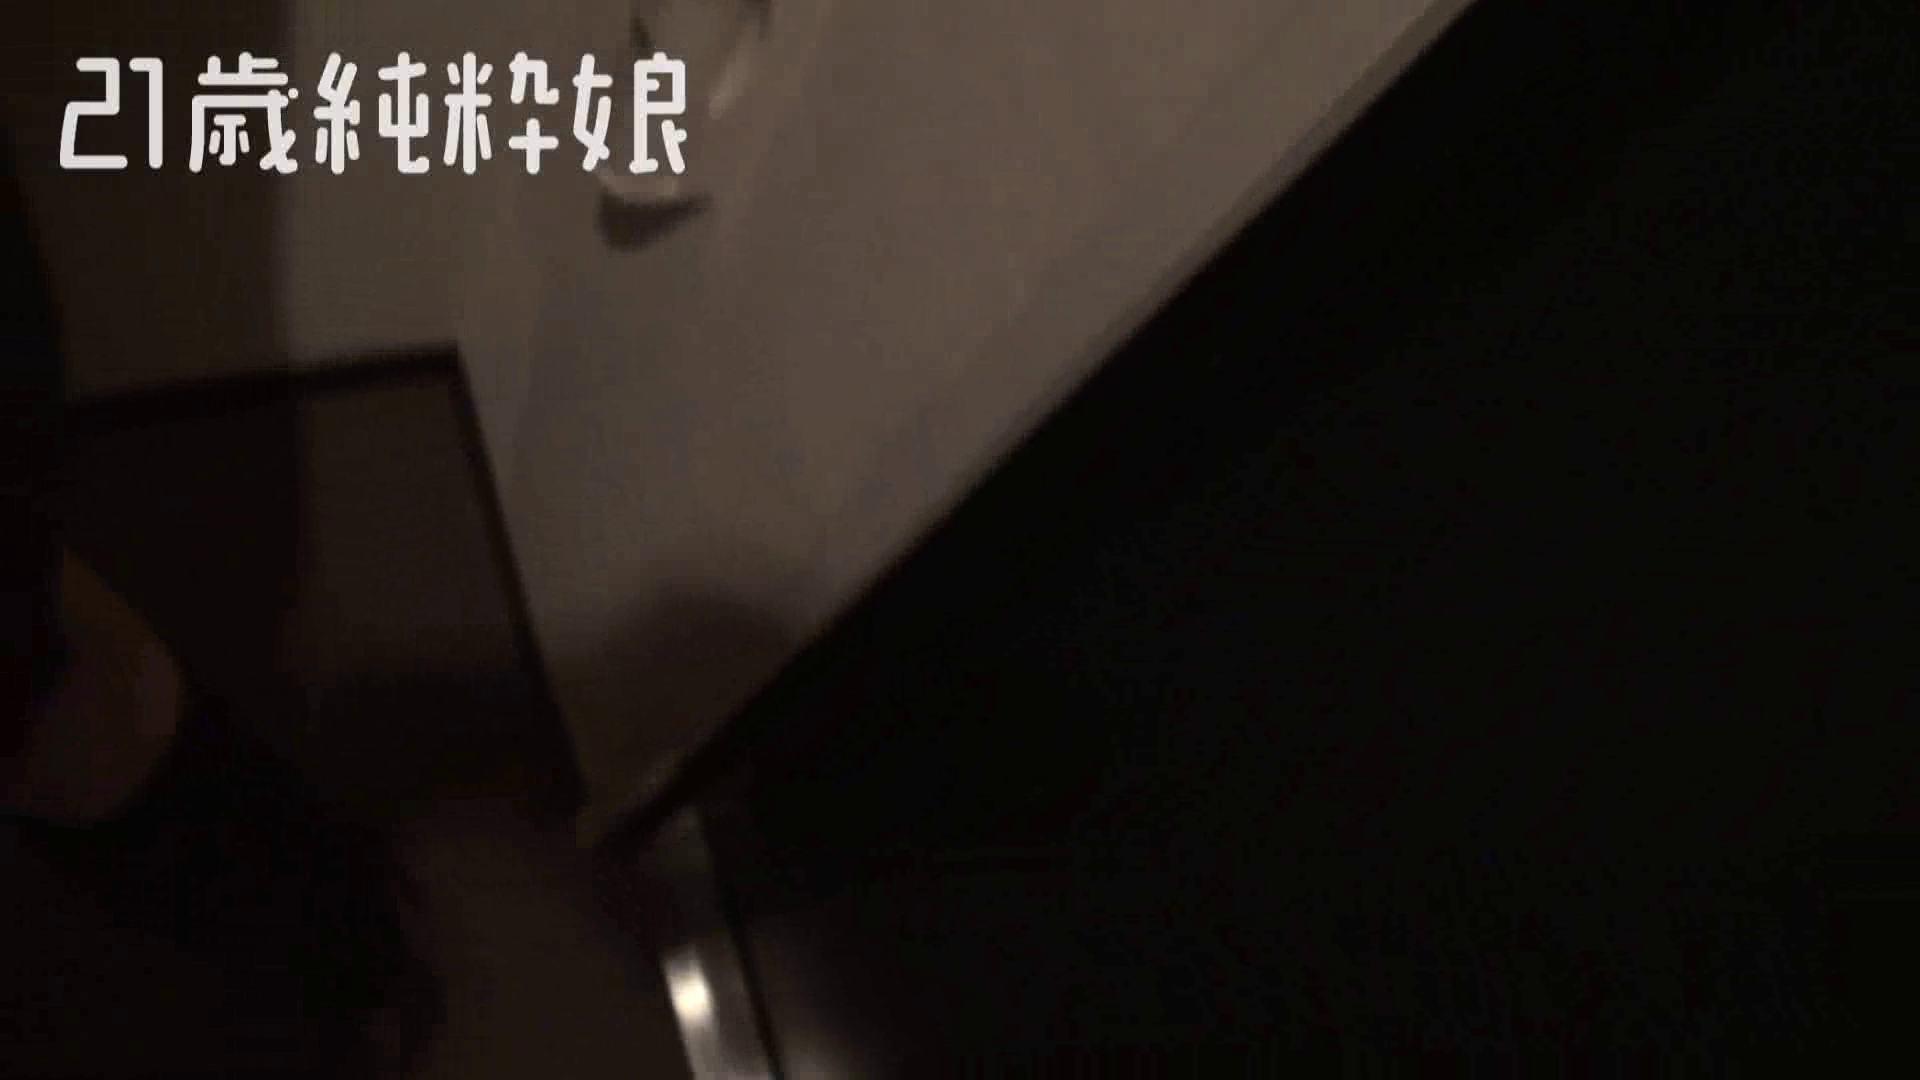 上京したばかりのGカップ21歳純粋嬢を都合の良い女にしてみた 投稿  52連発 11